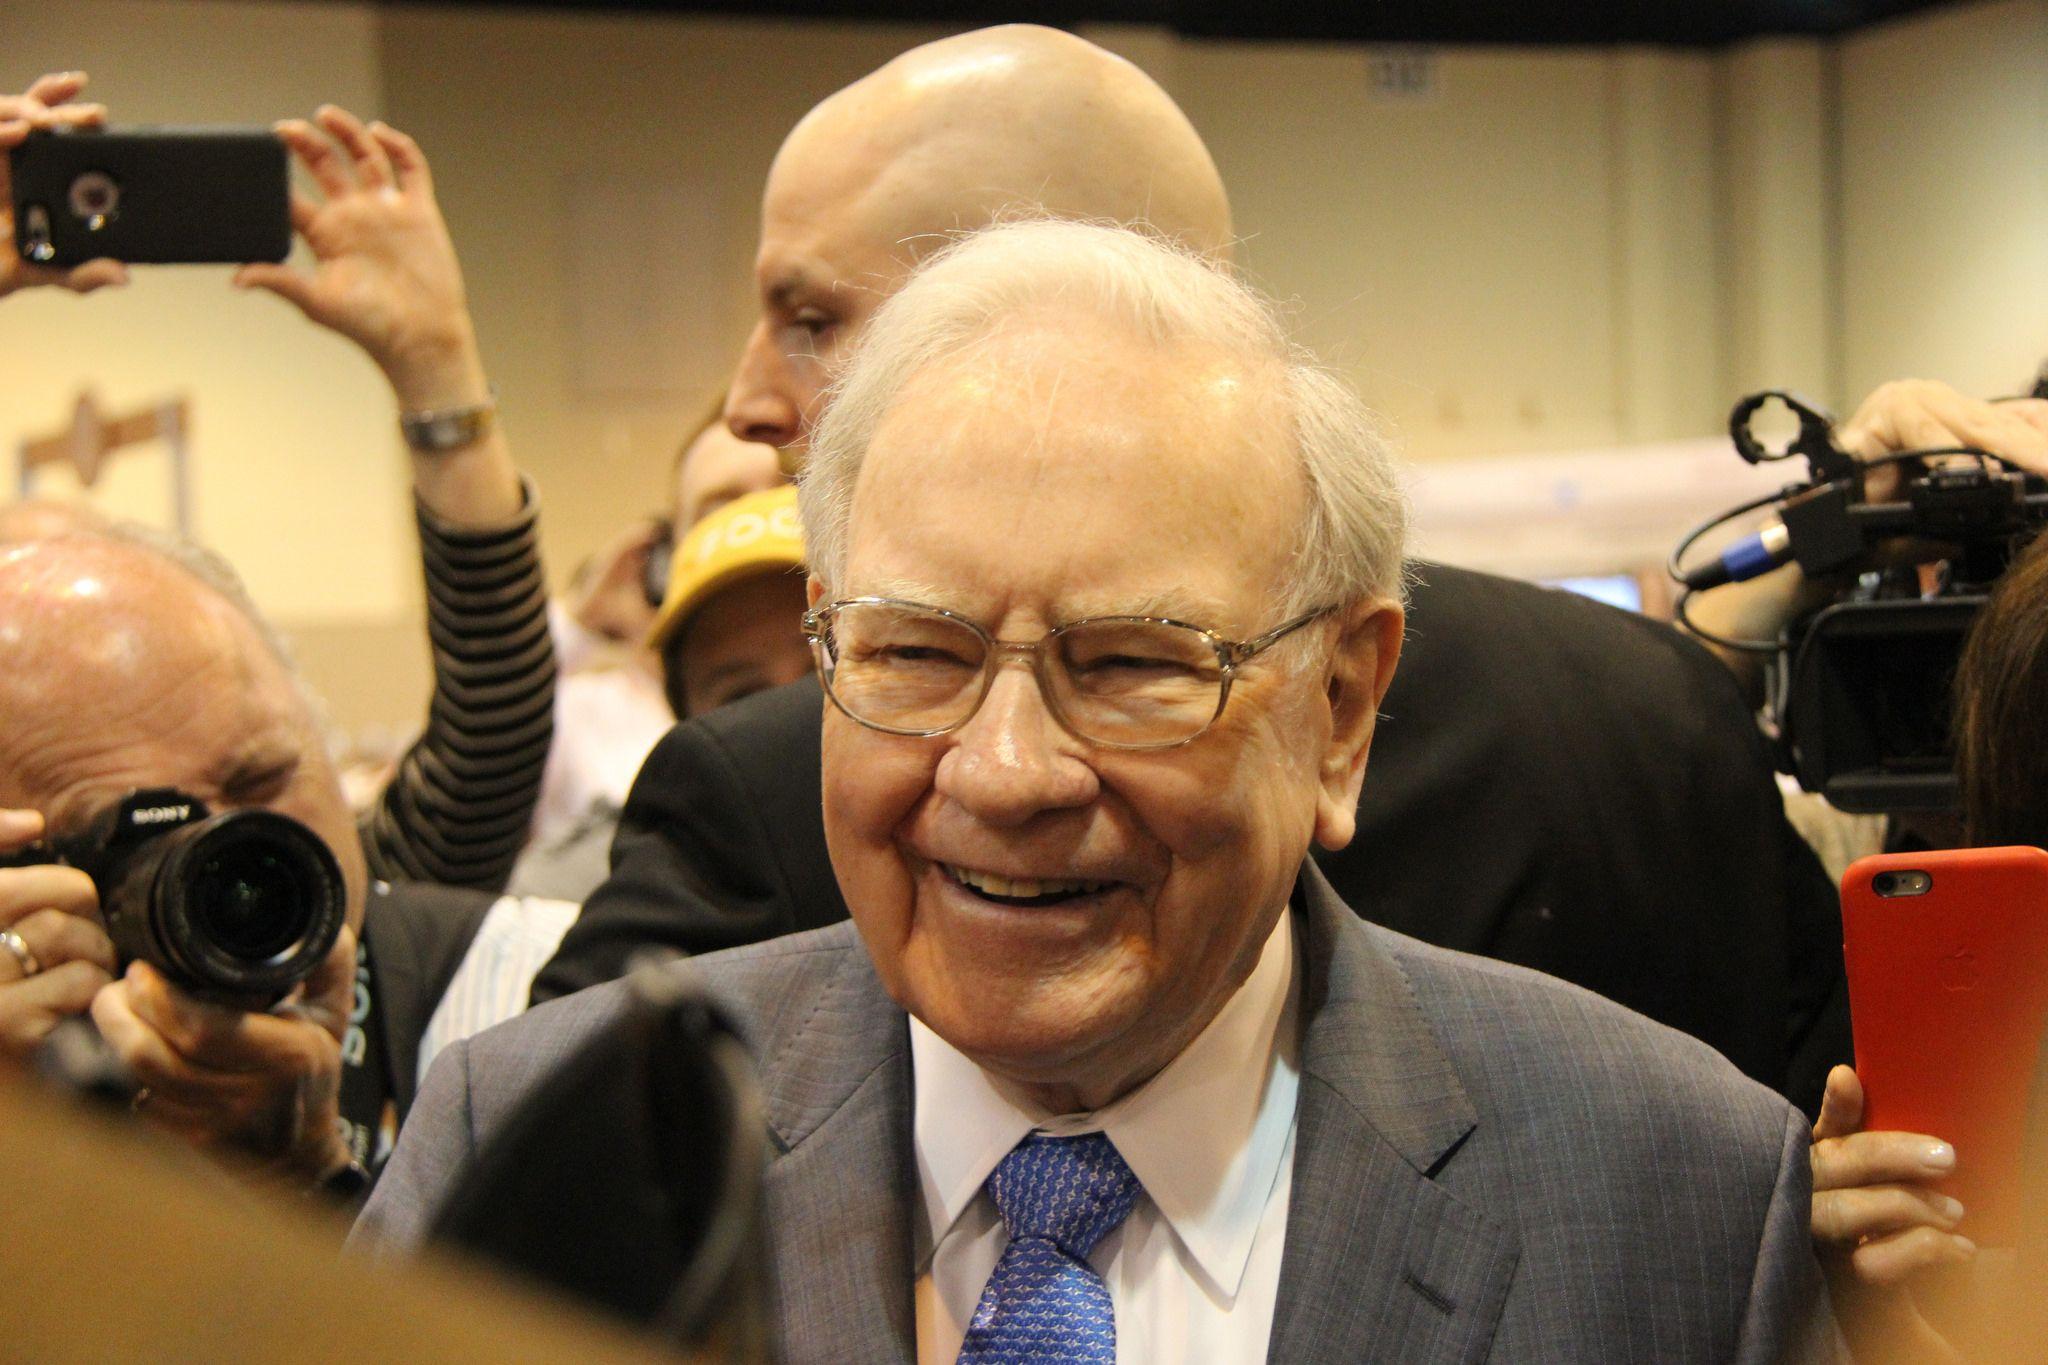 Warren Buffett at Berkshire Hathaway's shareholder meeting